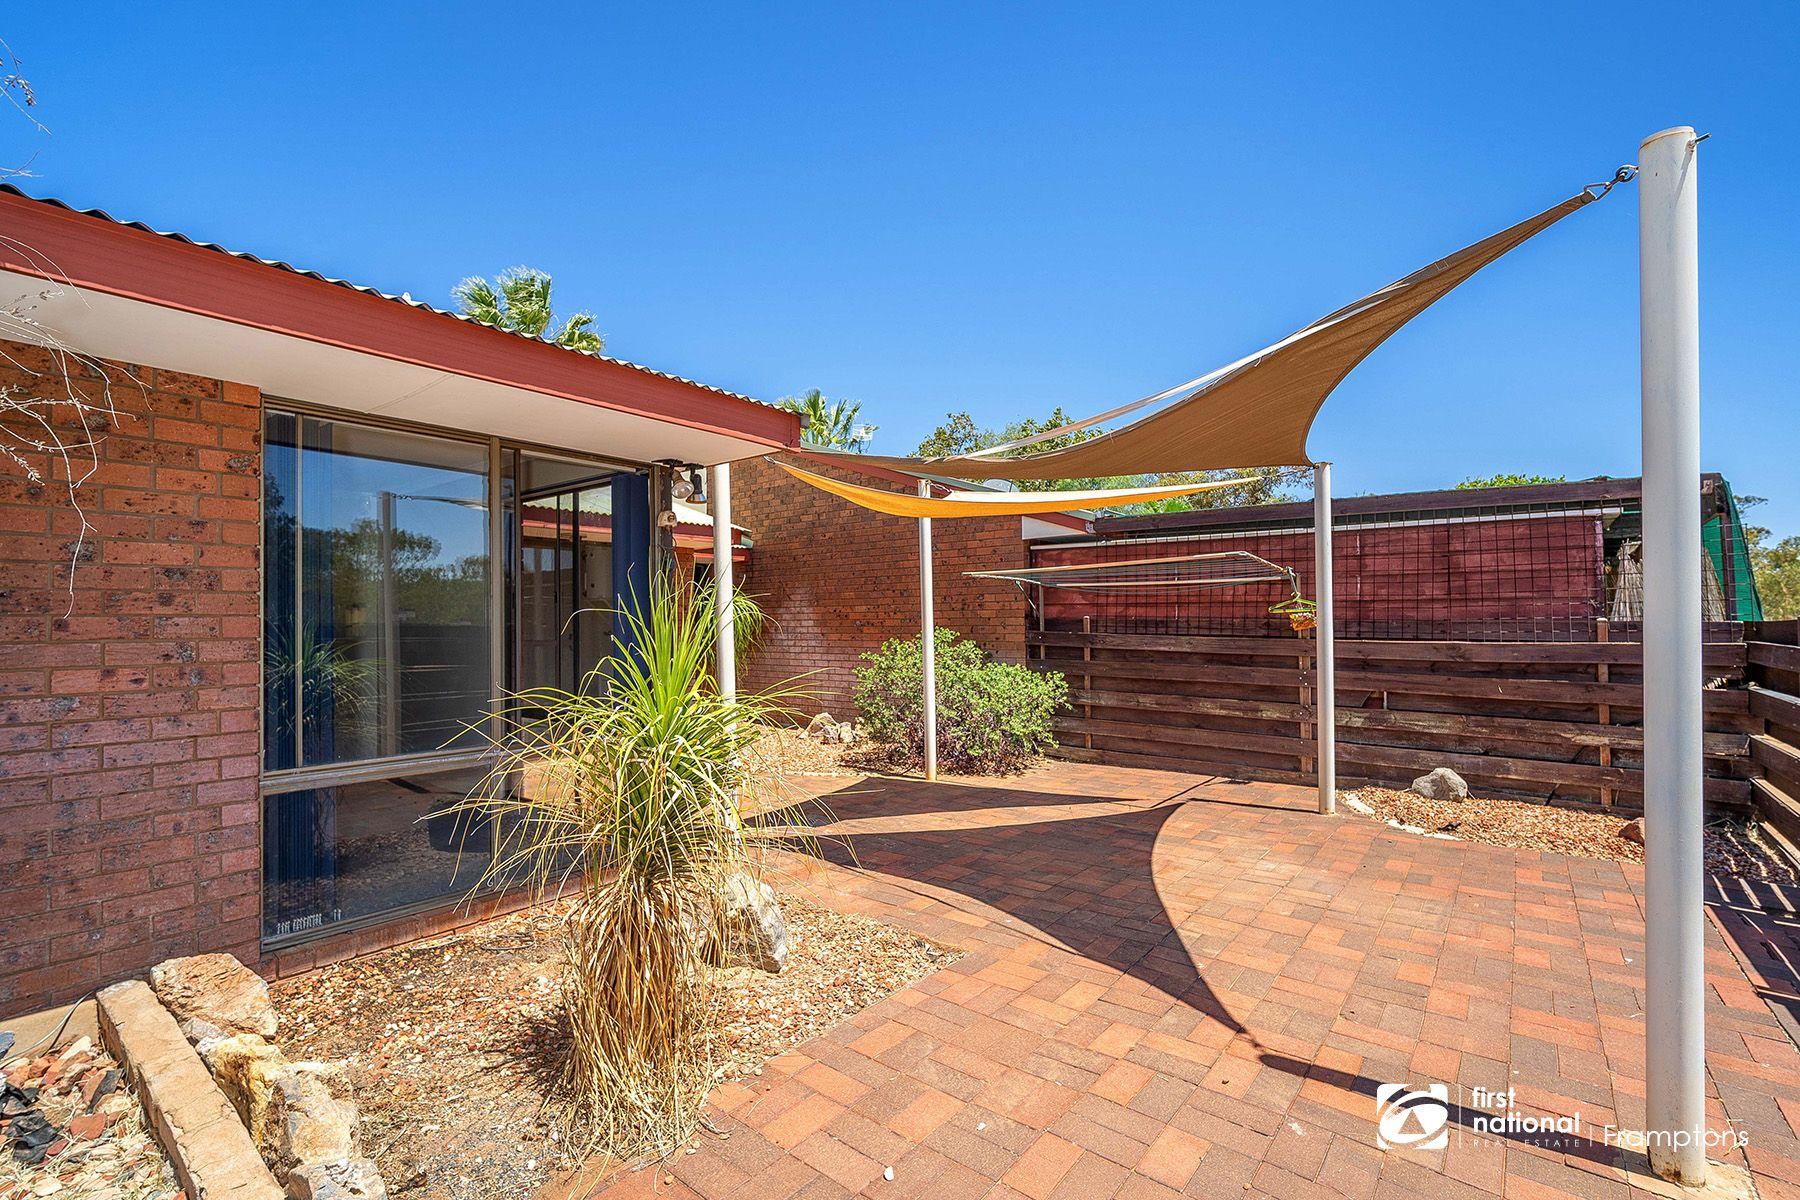 44 Floreat Village (15/1 Barrett Drive), Desert Springs, NT 0870